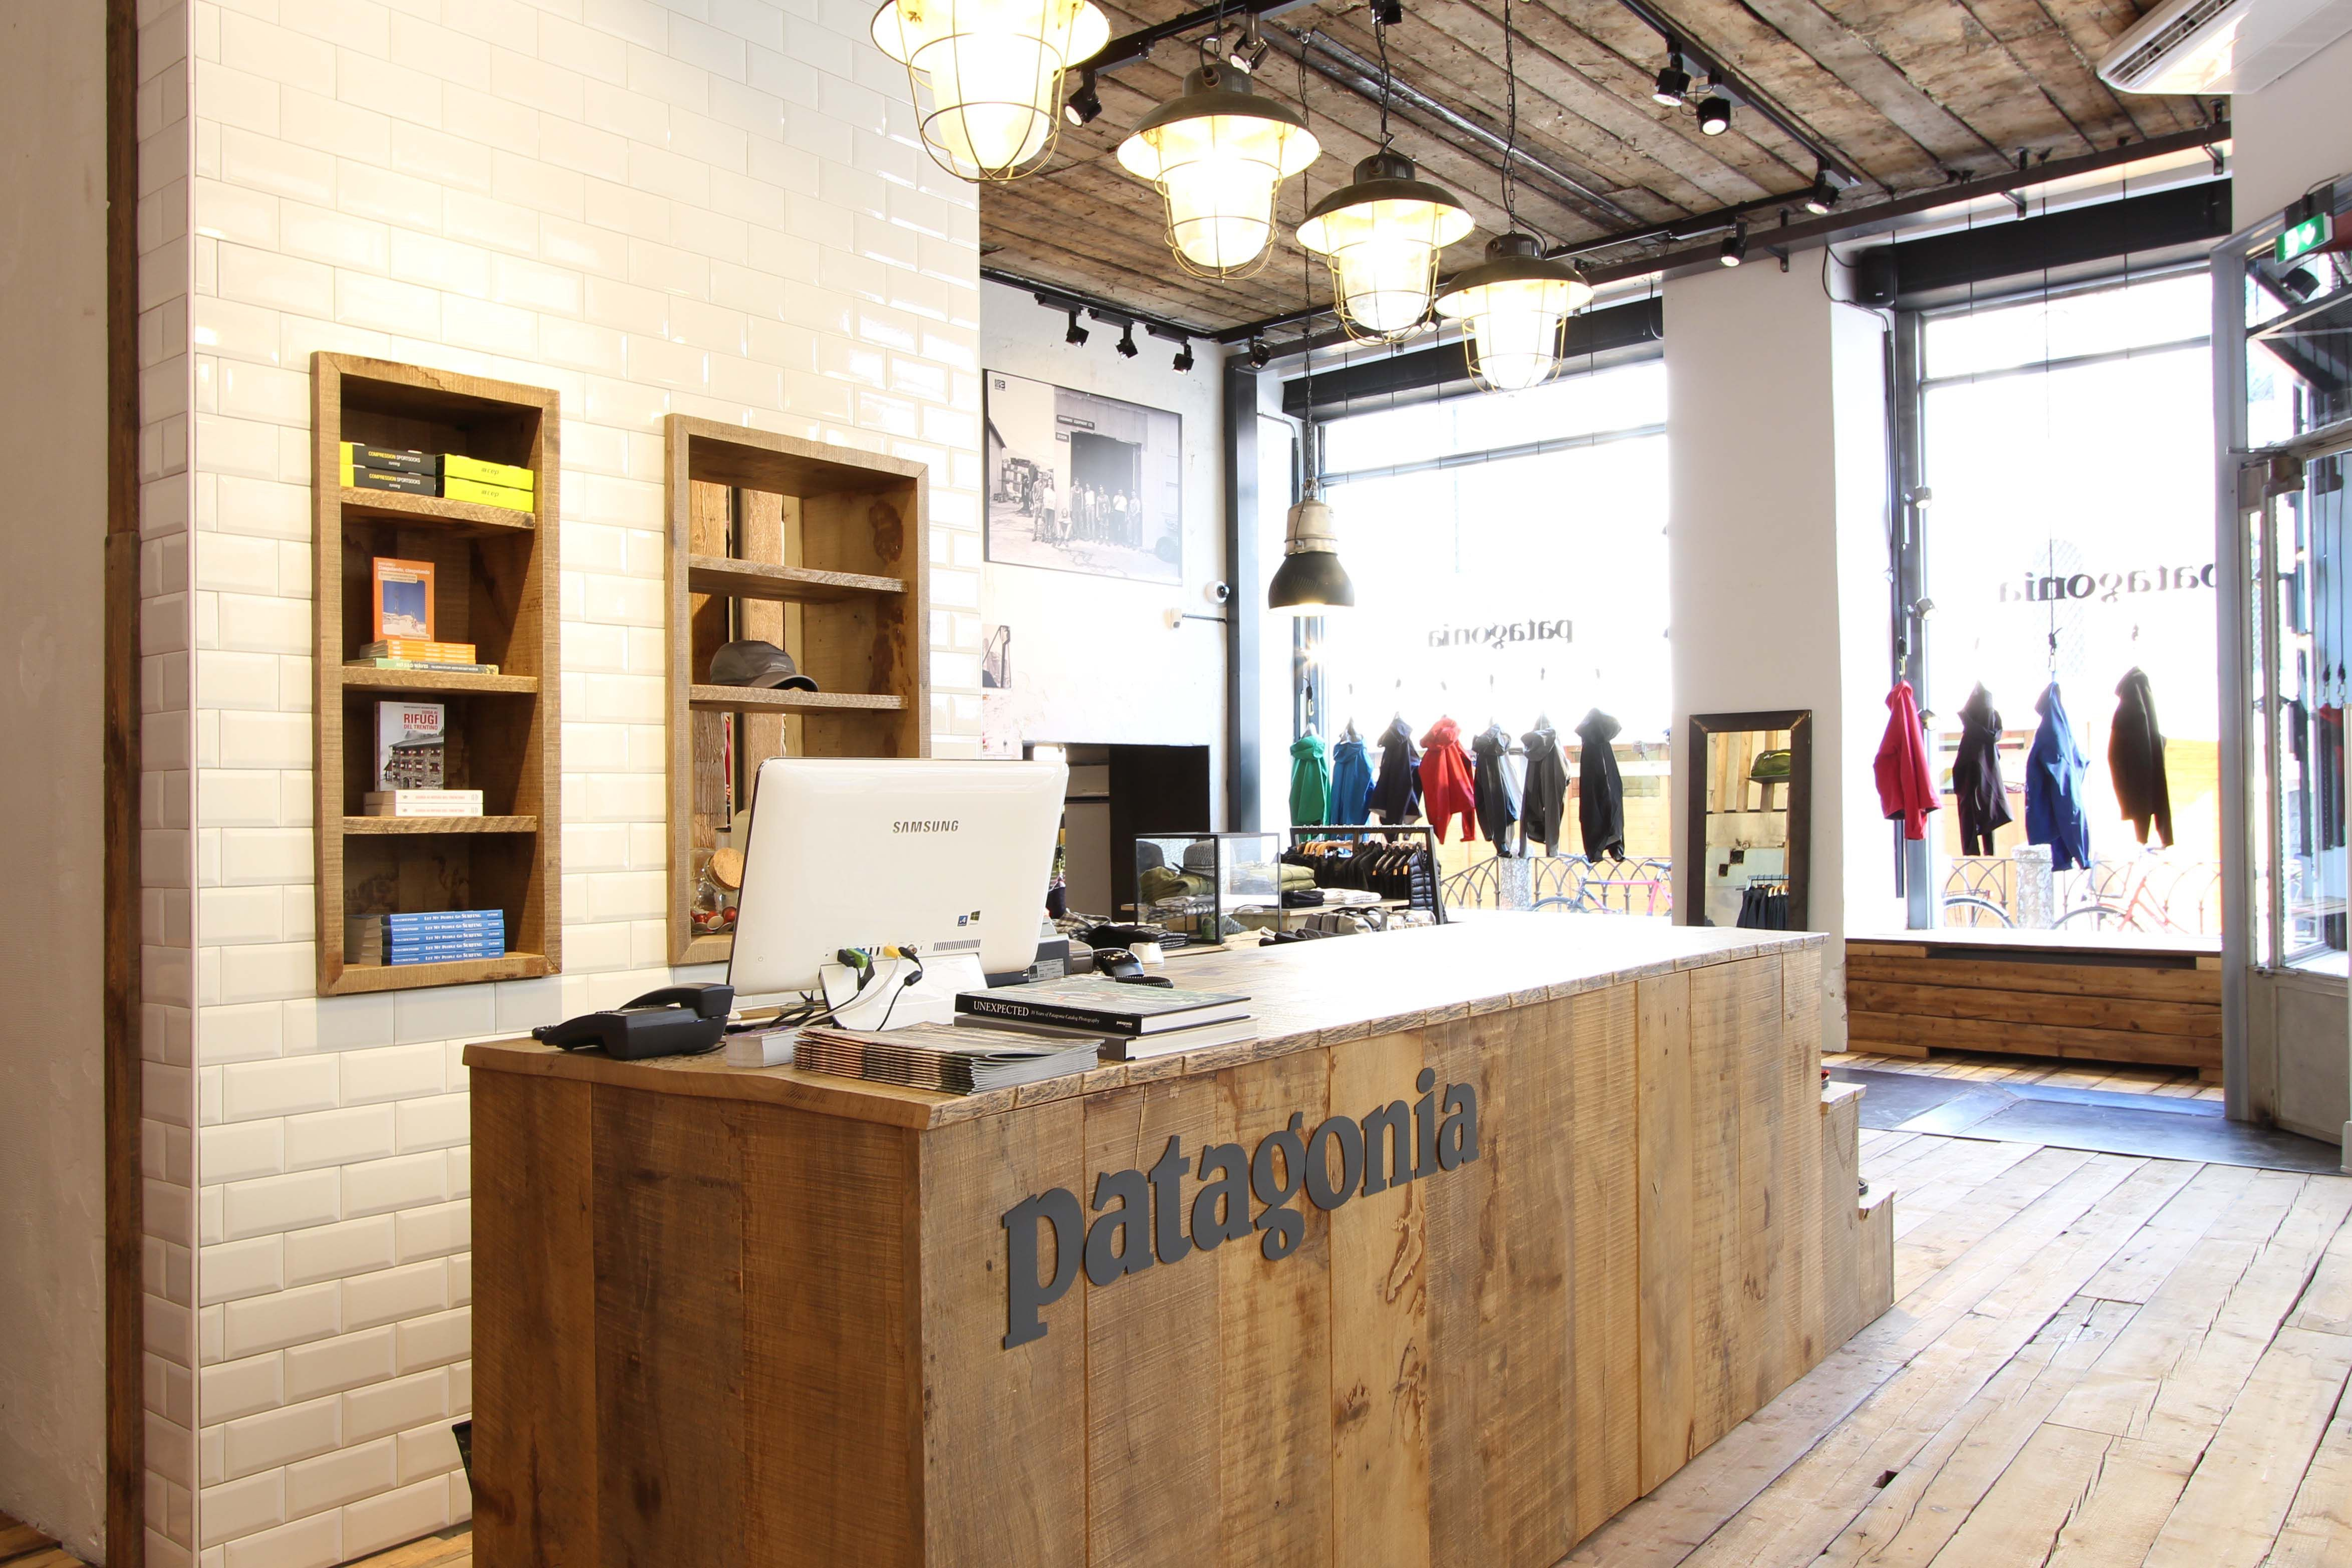 patagonia retail design interior design store trento concept design